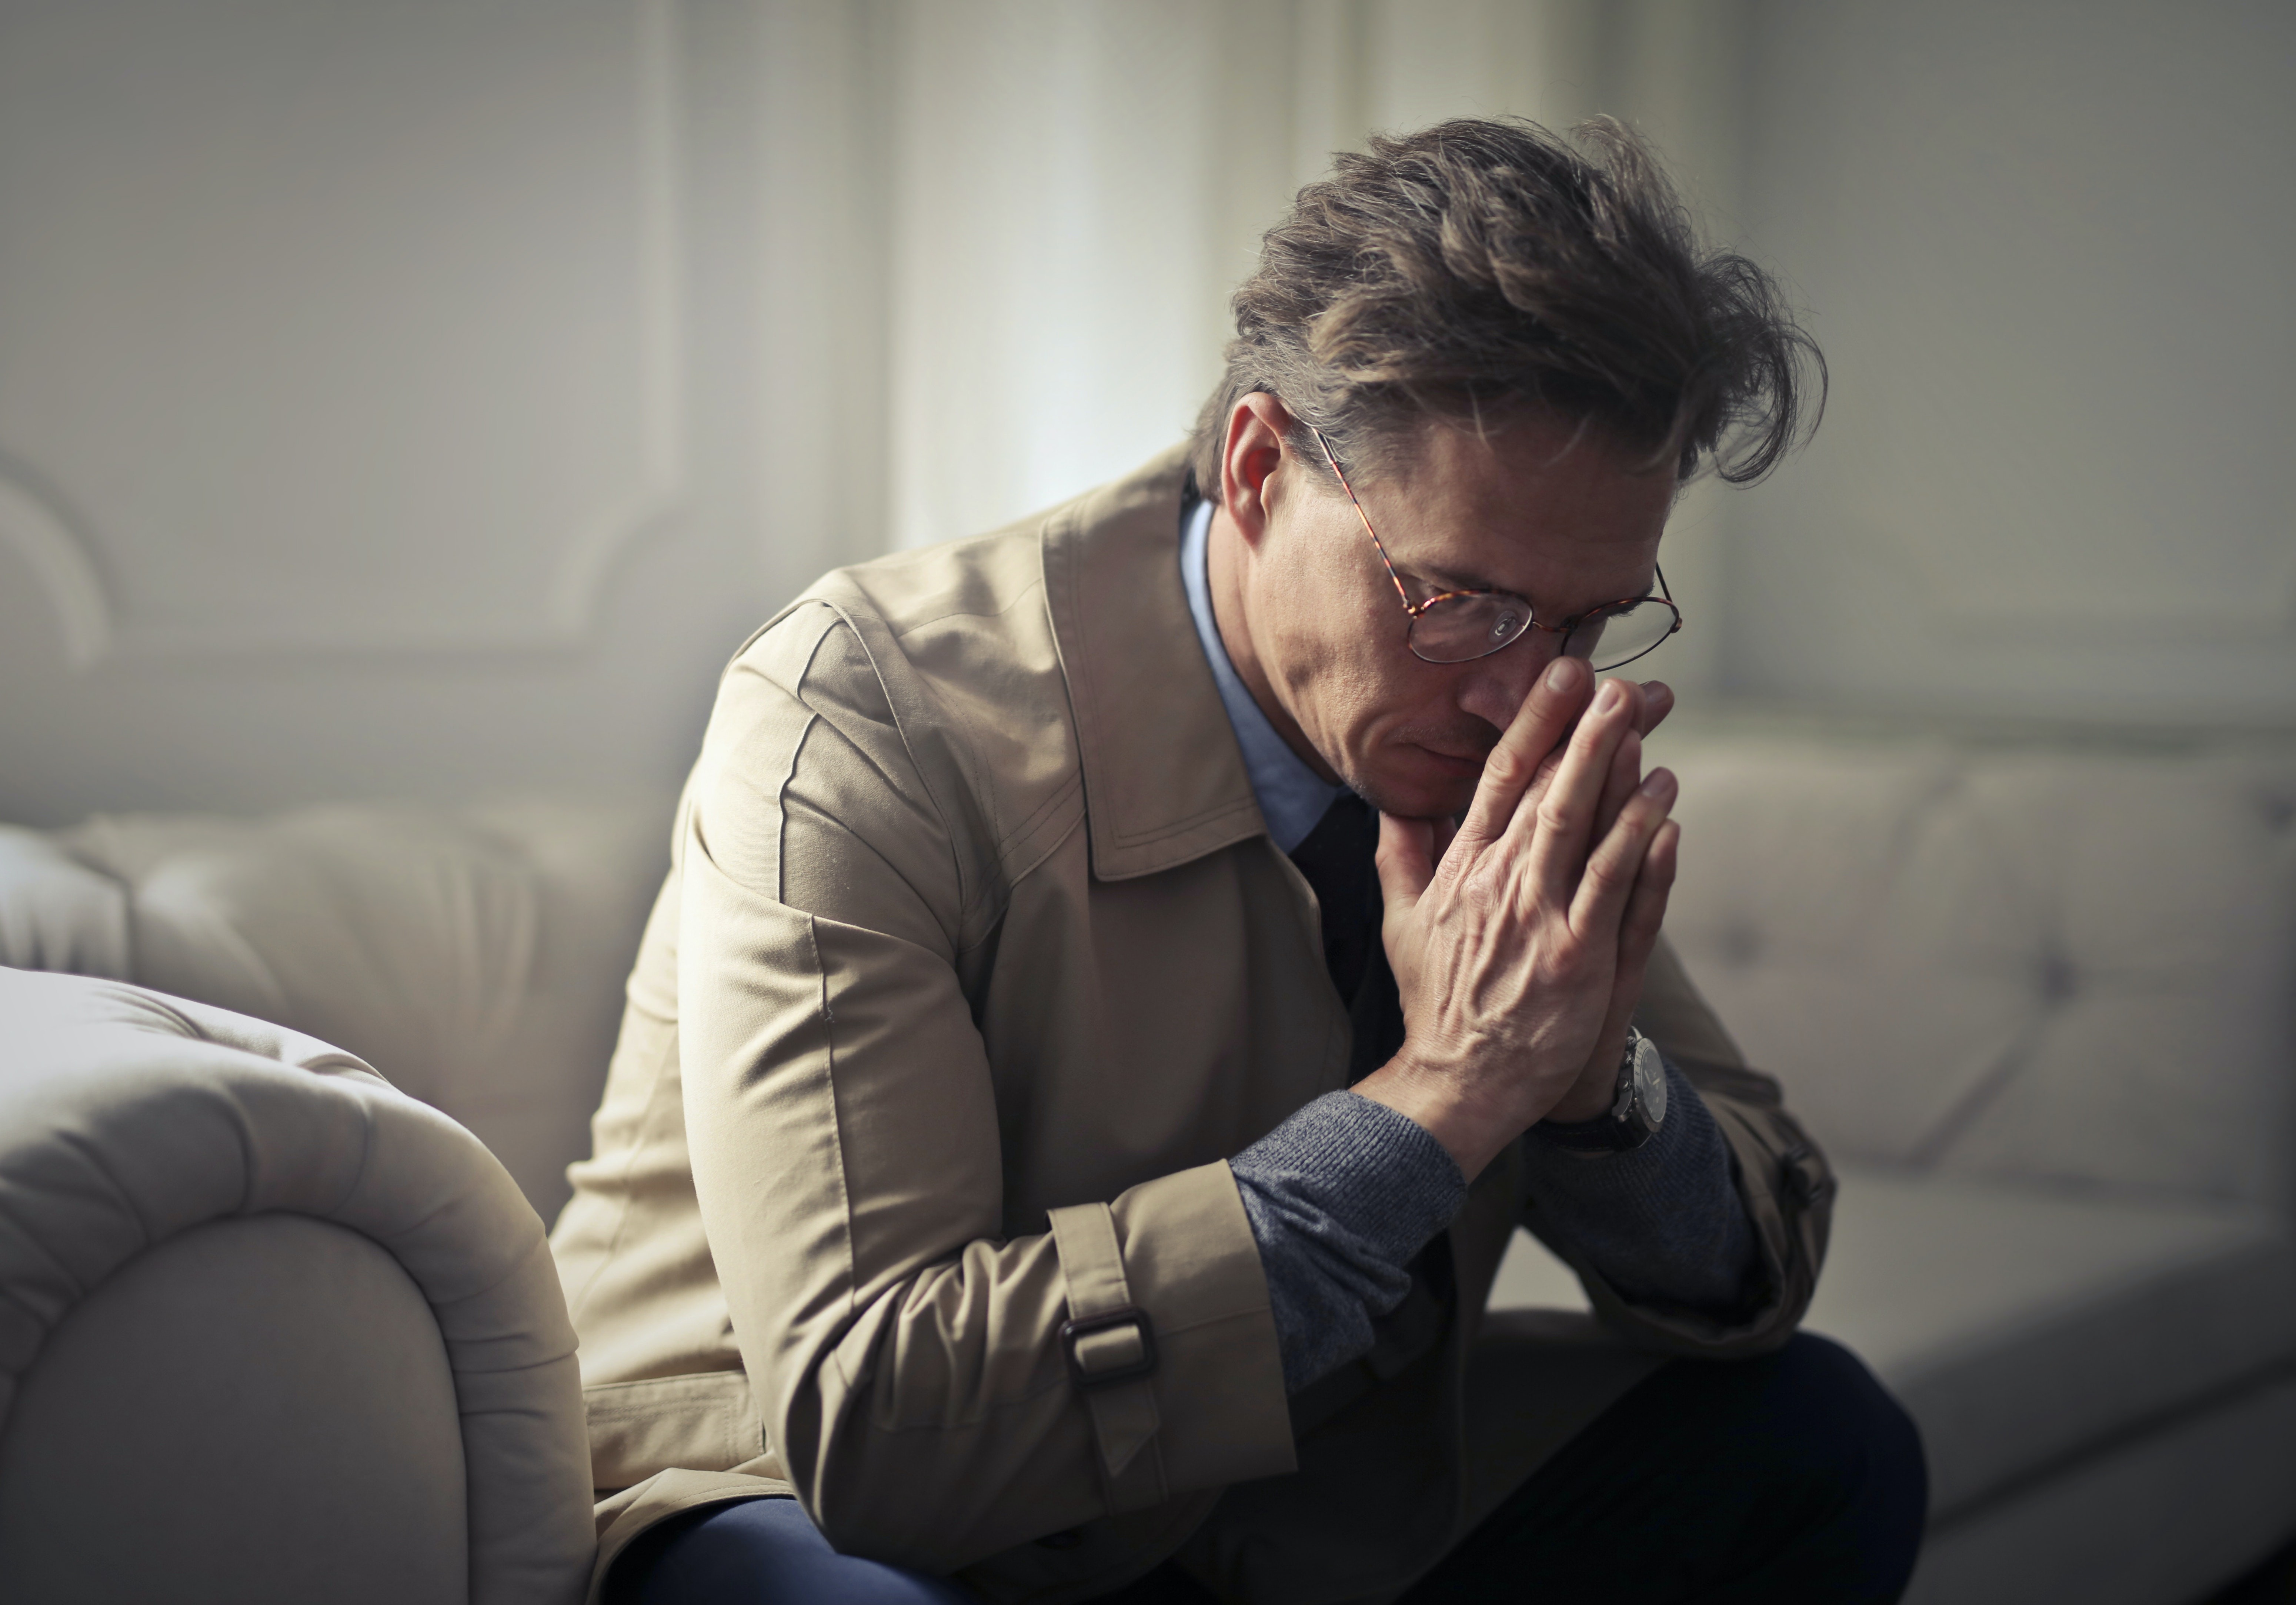 Pesquisadores descobriram que ter muitos pensamentos negativos pode aumentar o risco de alzheimer (Foto: Pexels)